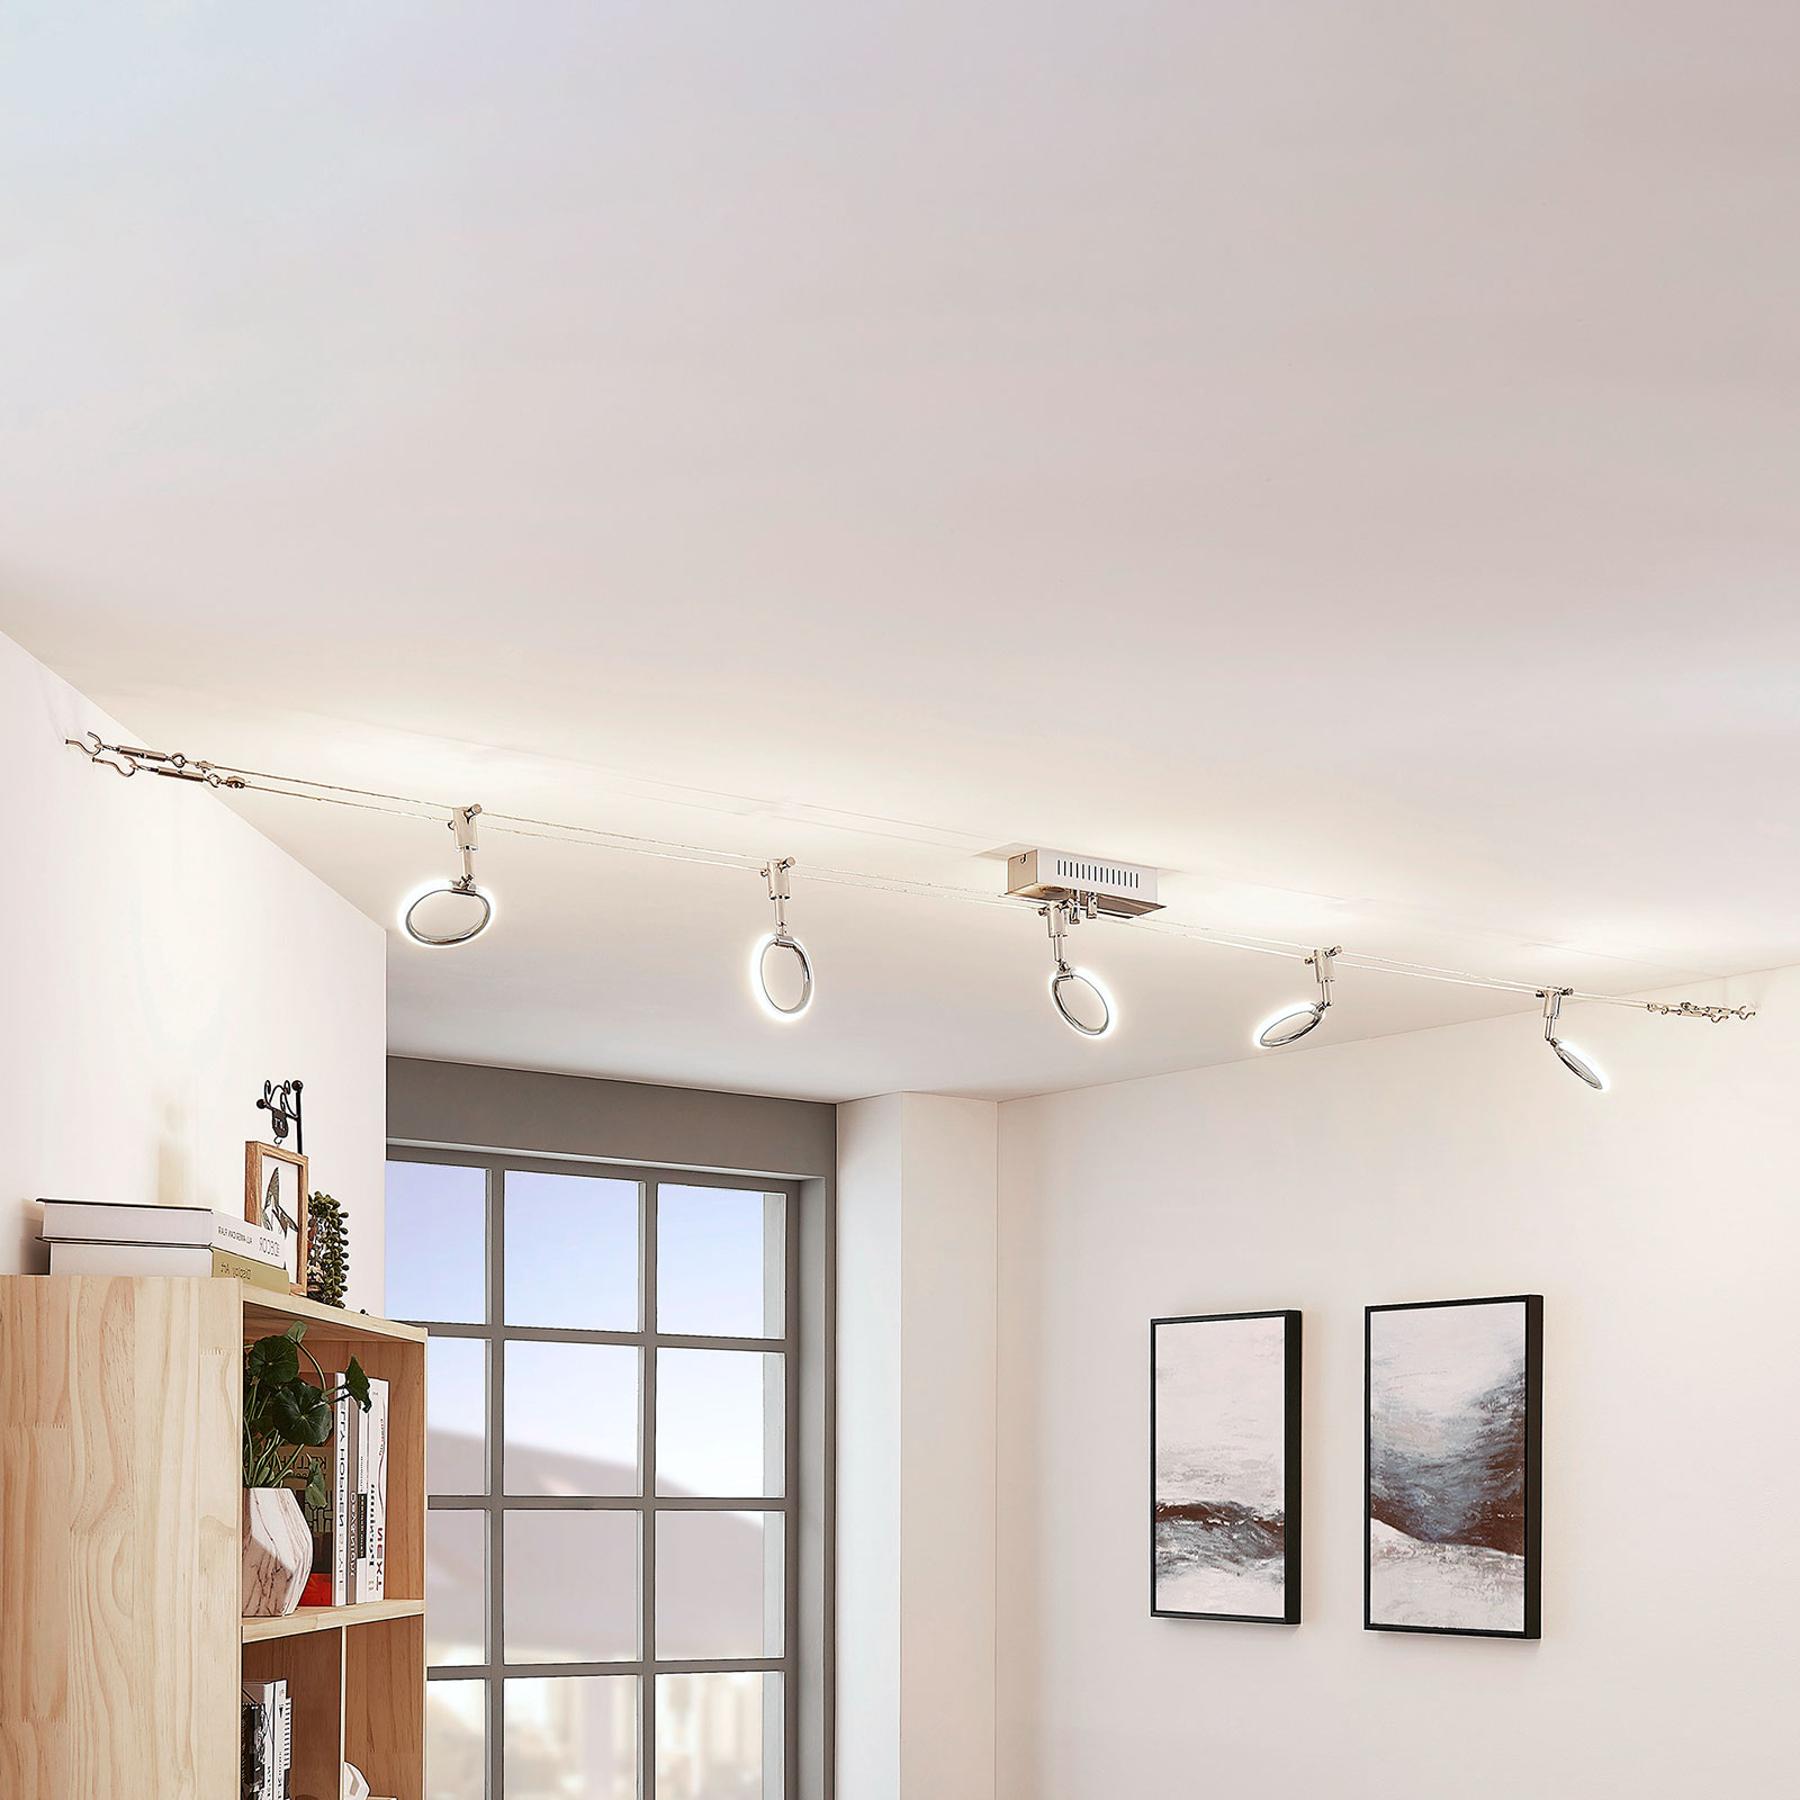 LED-vaijerijärjestelmä Ratka, 5-lamppuinen